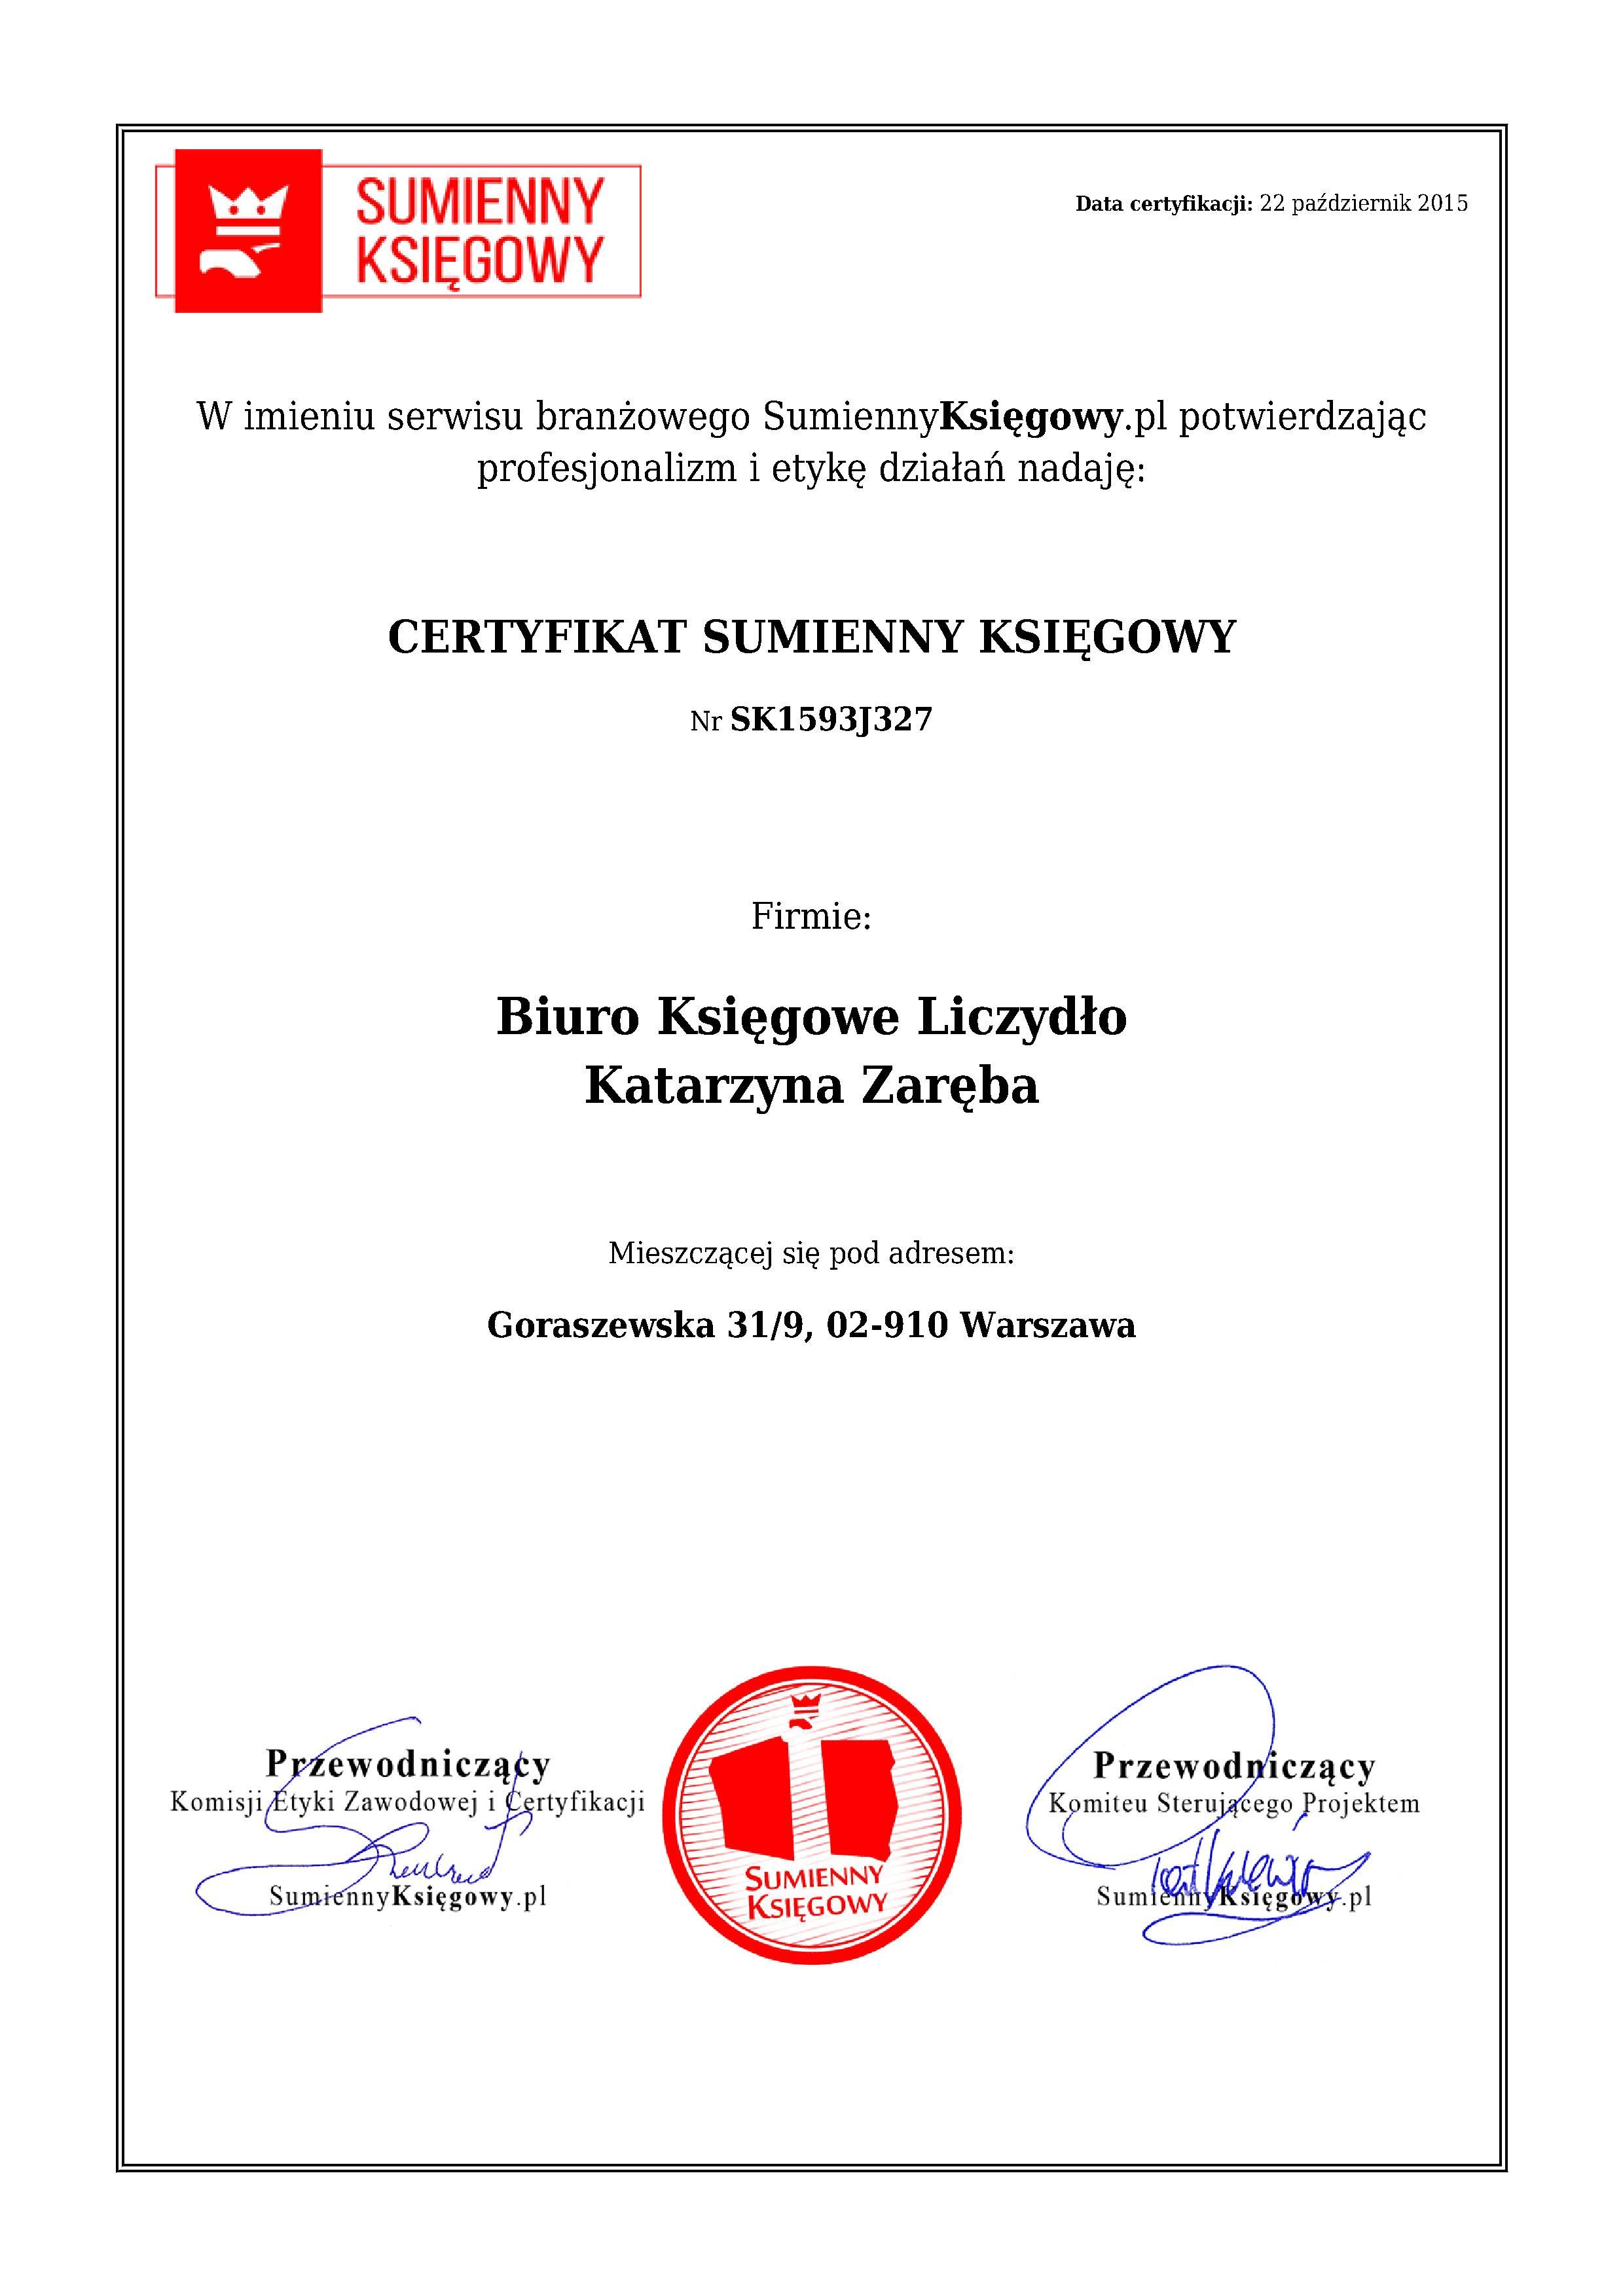 Certyfikat  Biuro Księgowe Liczydło Katarzyna Zaręba